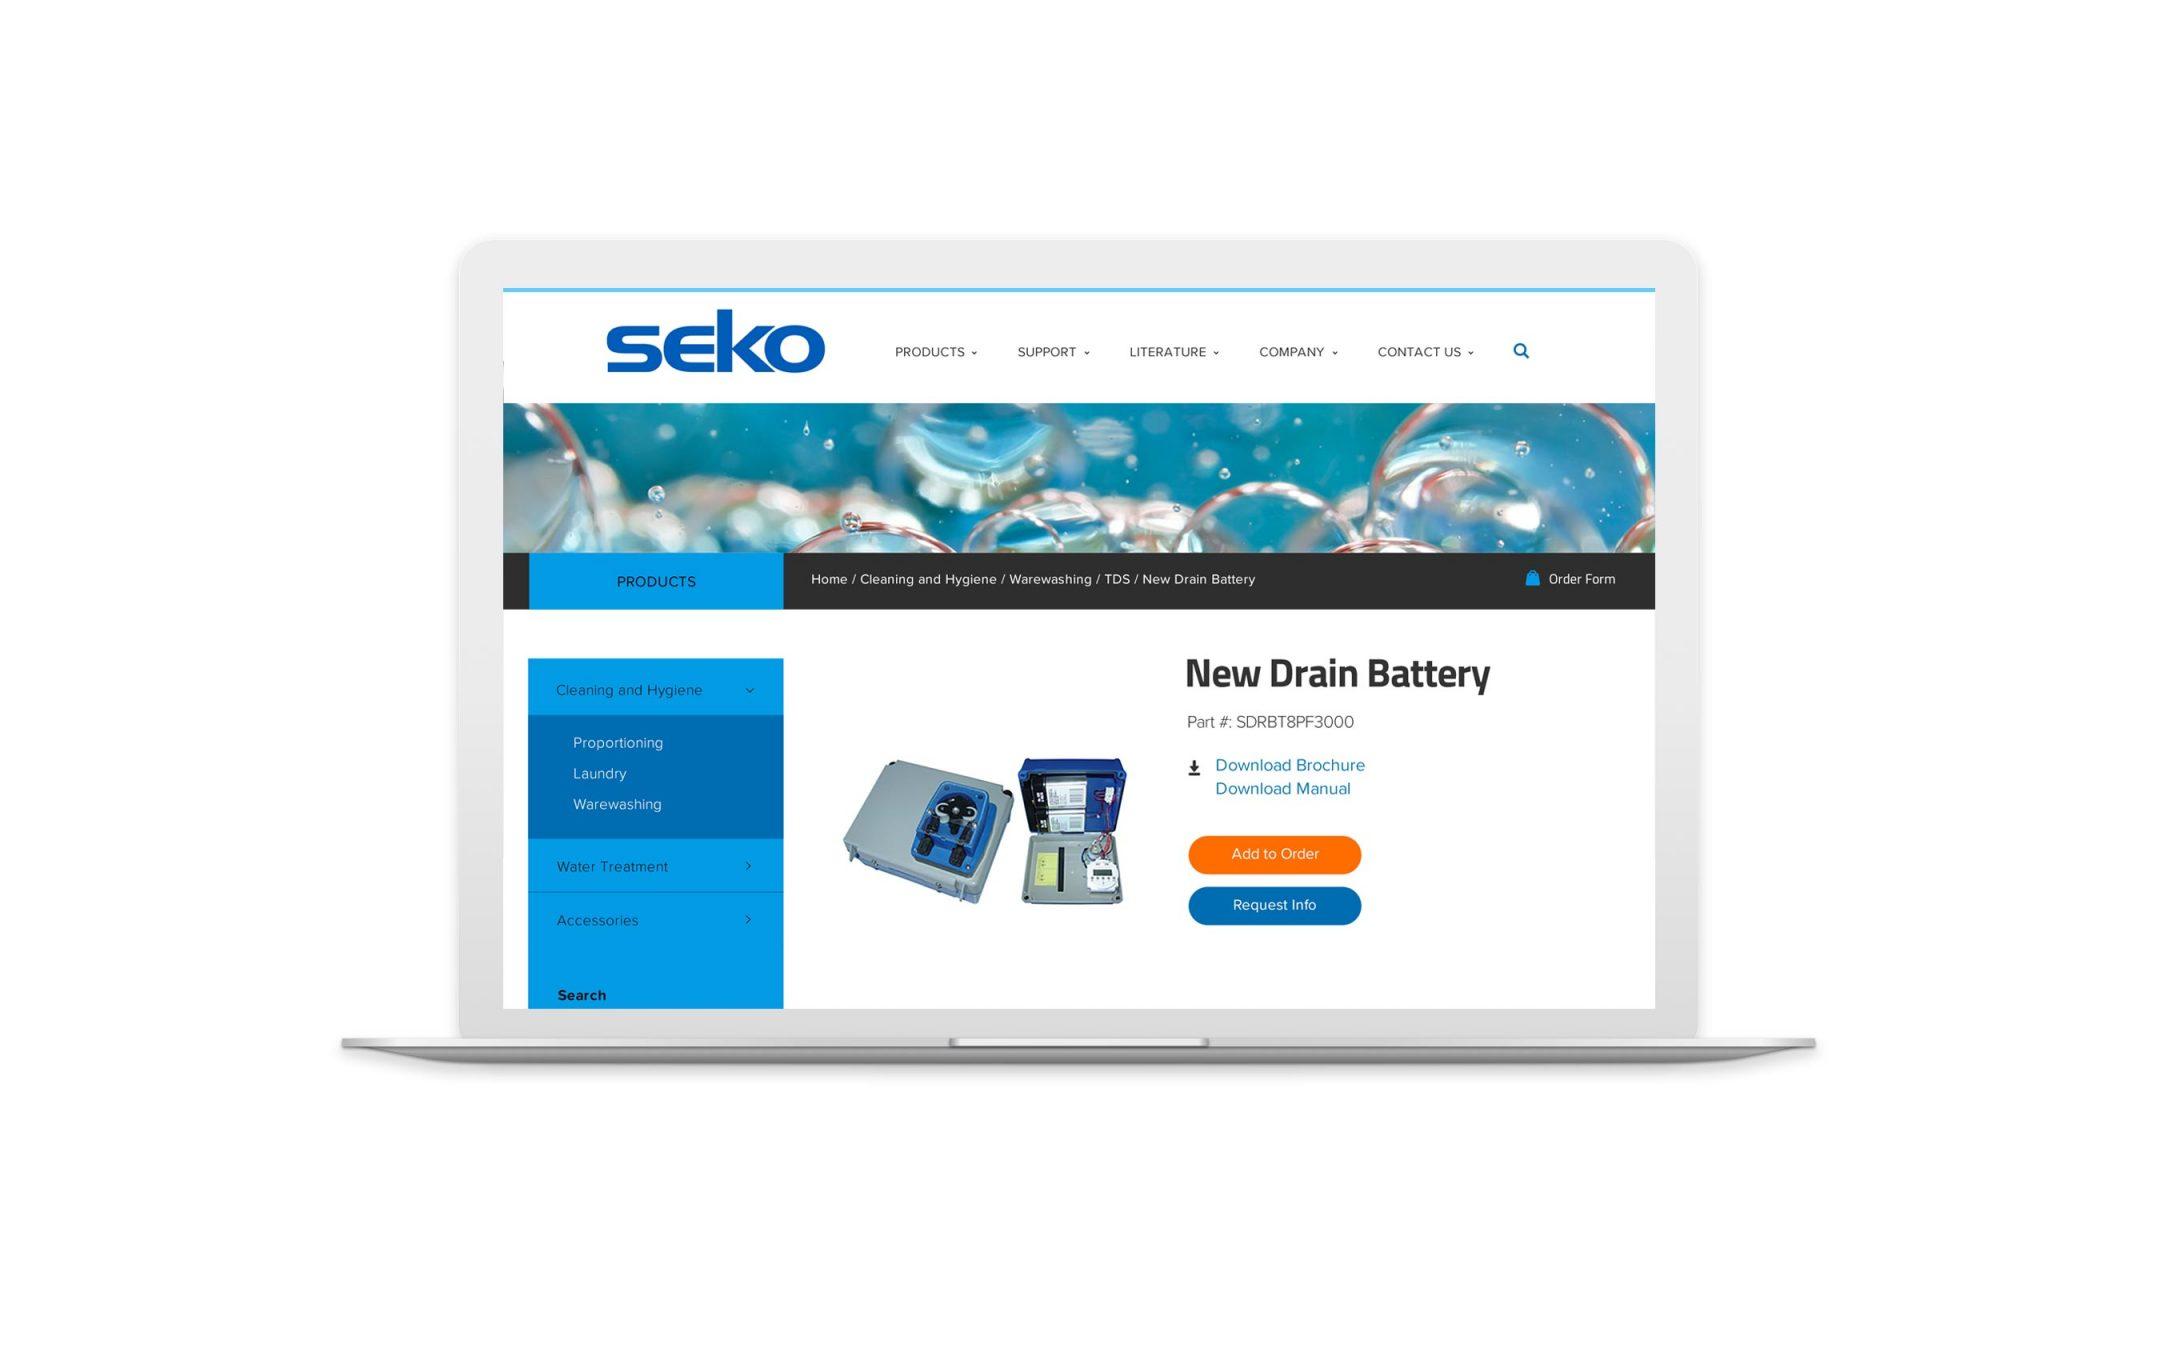 sekousa.com product page